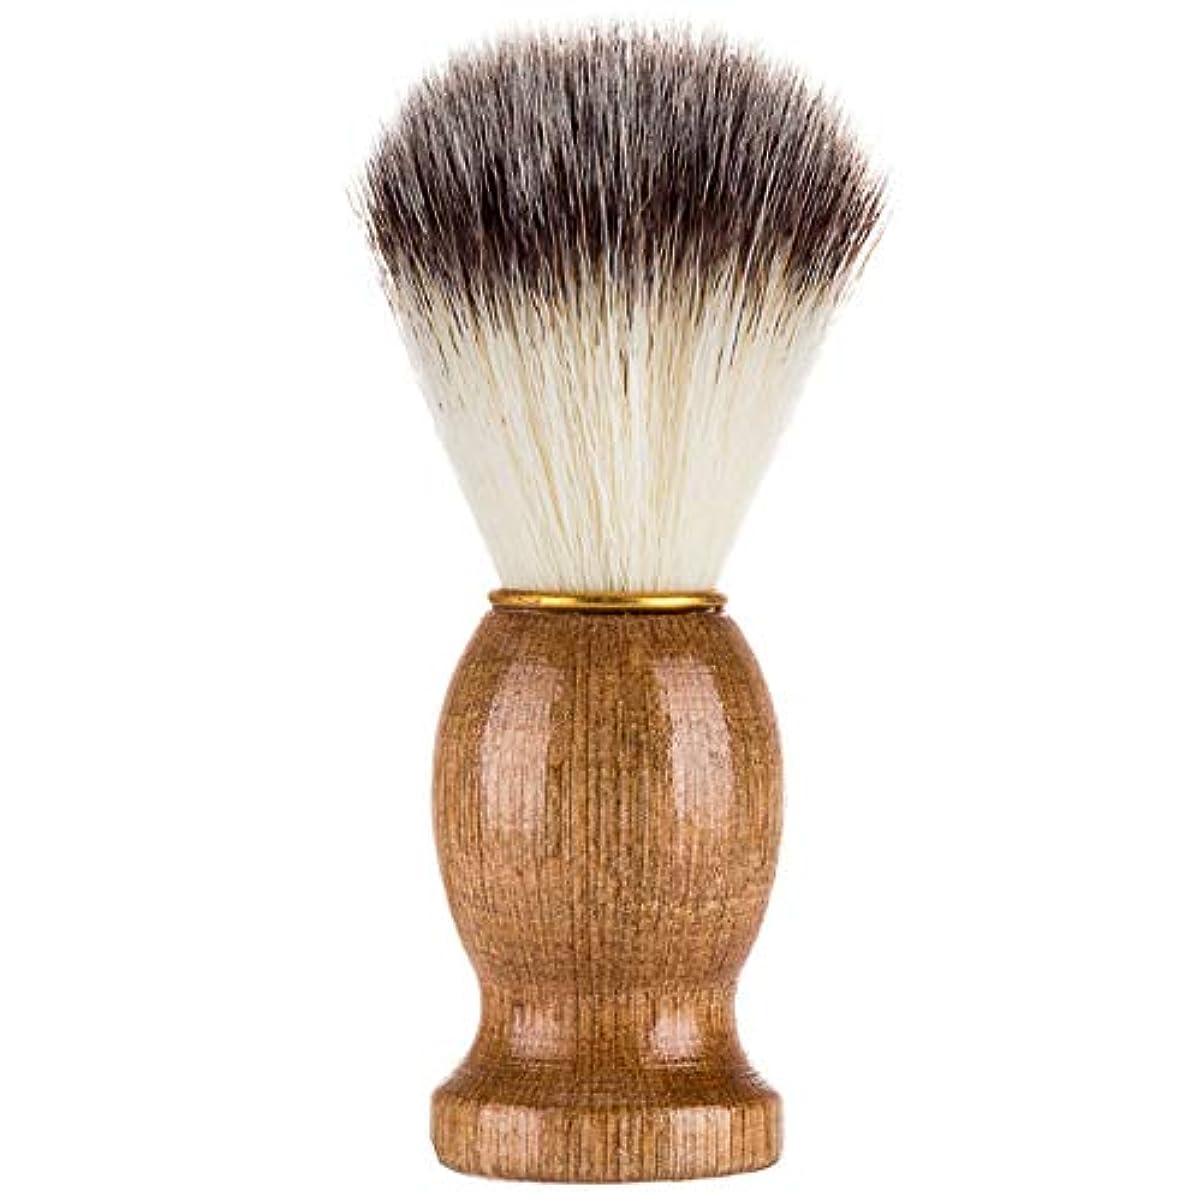 撤退タバコラップトップMagRing効果的にアナグマの毛の剃るかみそりのブラシの大広間の男性のための木製のハンドルが付いている美のクリーニングの電気器具色:木色